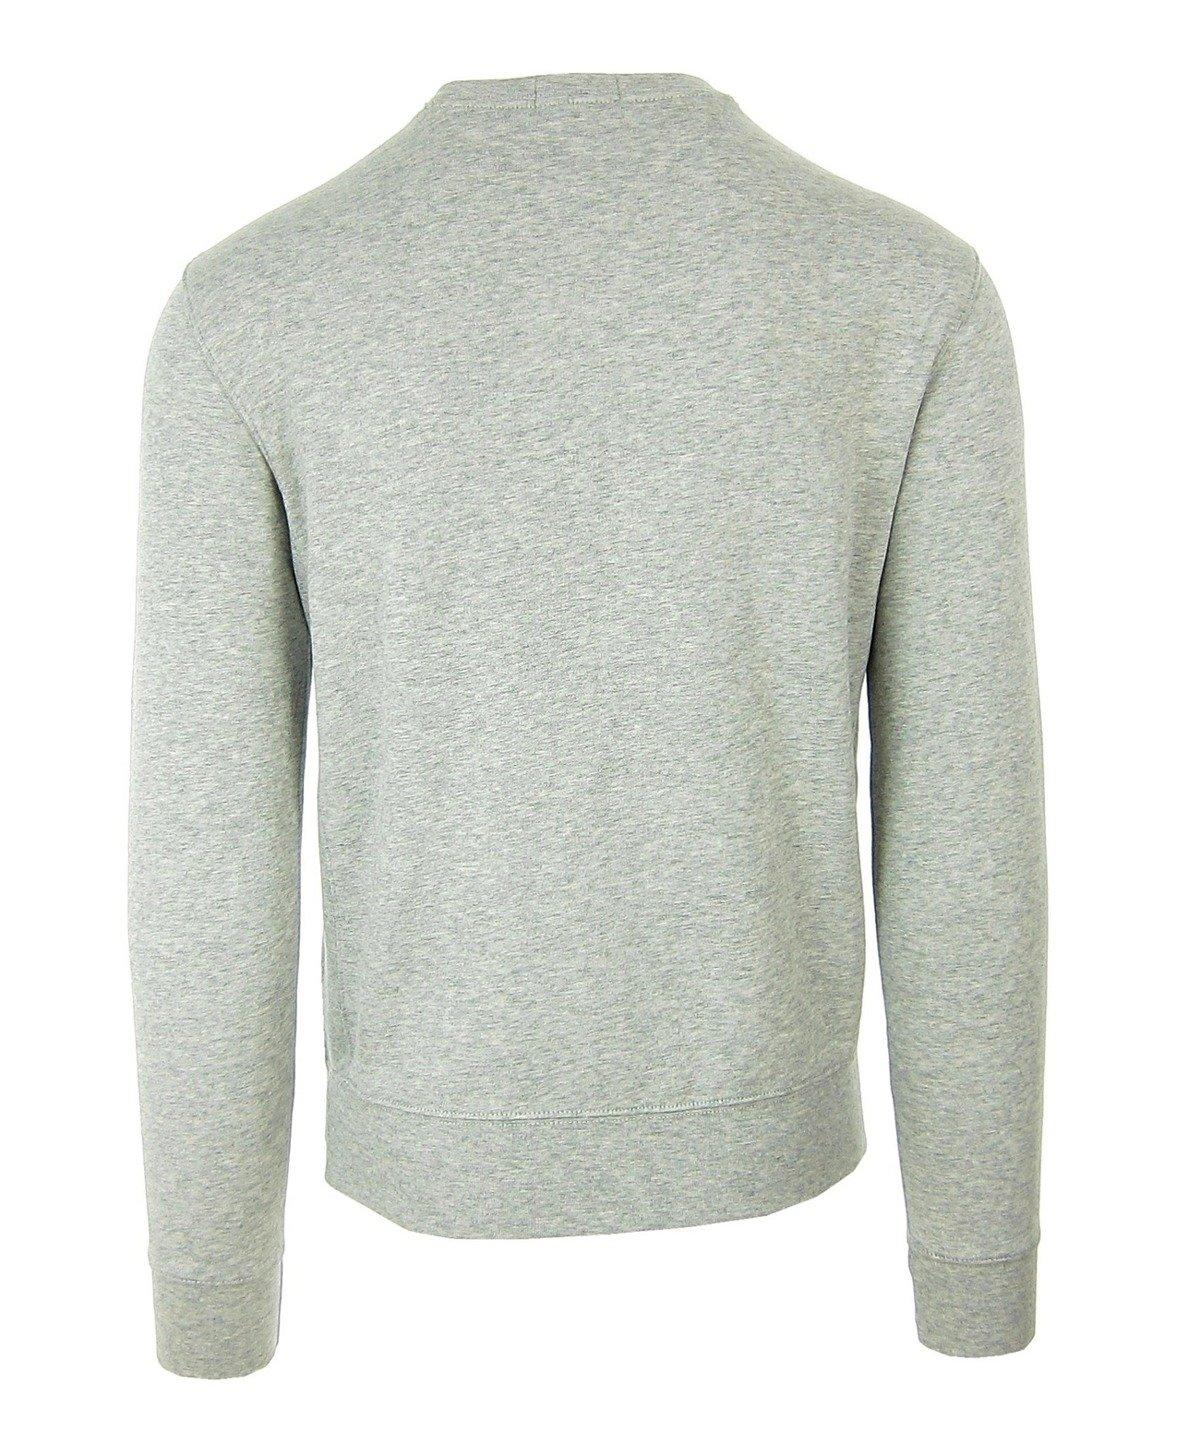 low priced 2dbf7 6dea2 Polo RALPH LAUREN Herren Men Sweatshirt Pullover Sweater Grau Grey Logo